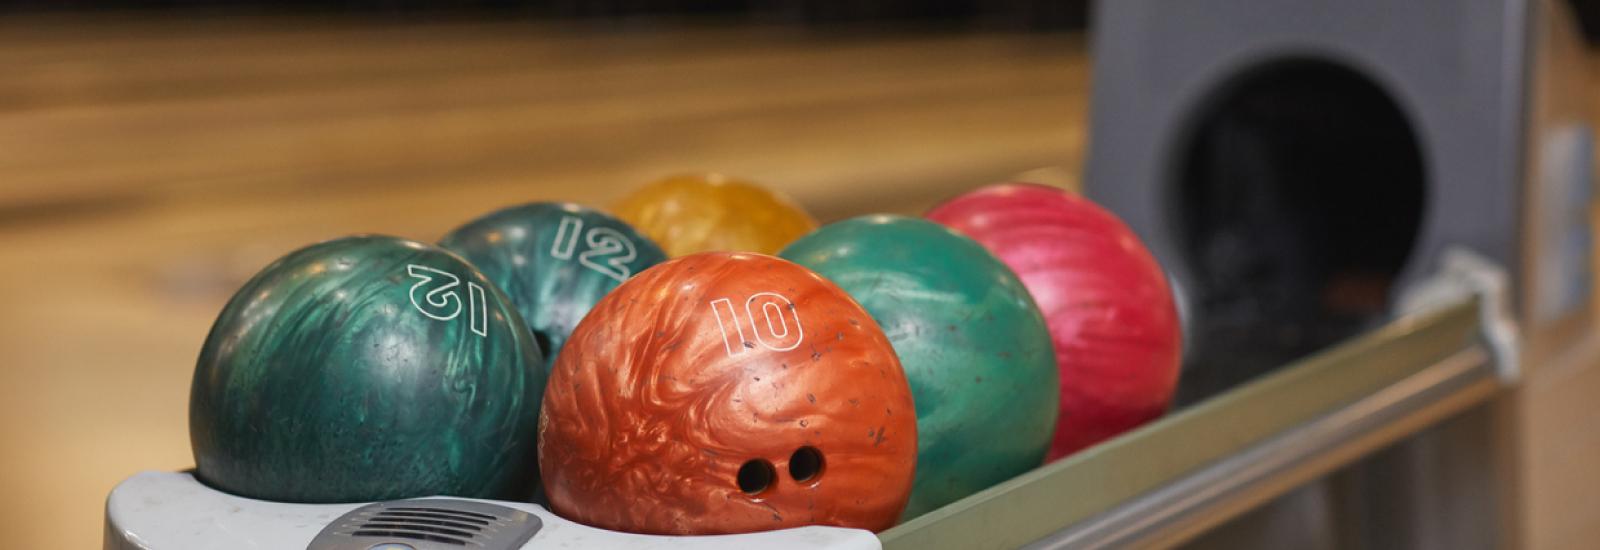 MCAS Yuma Bowling Alley